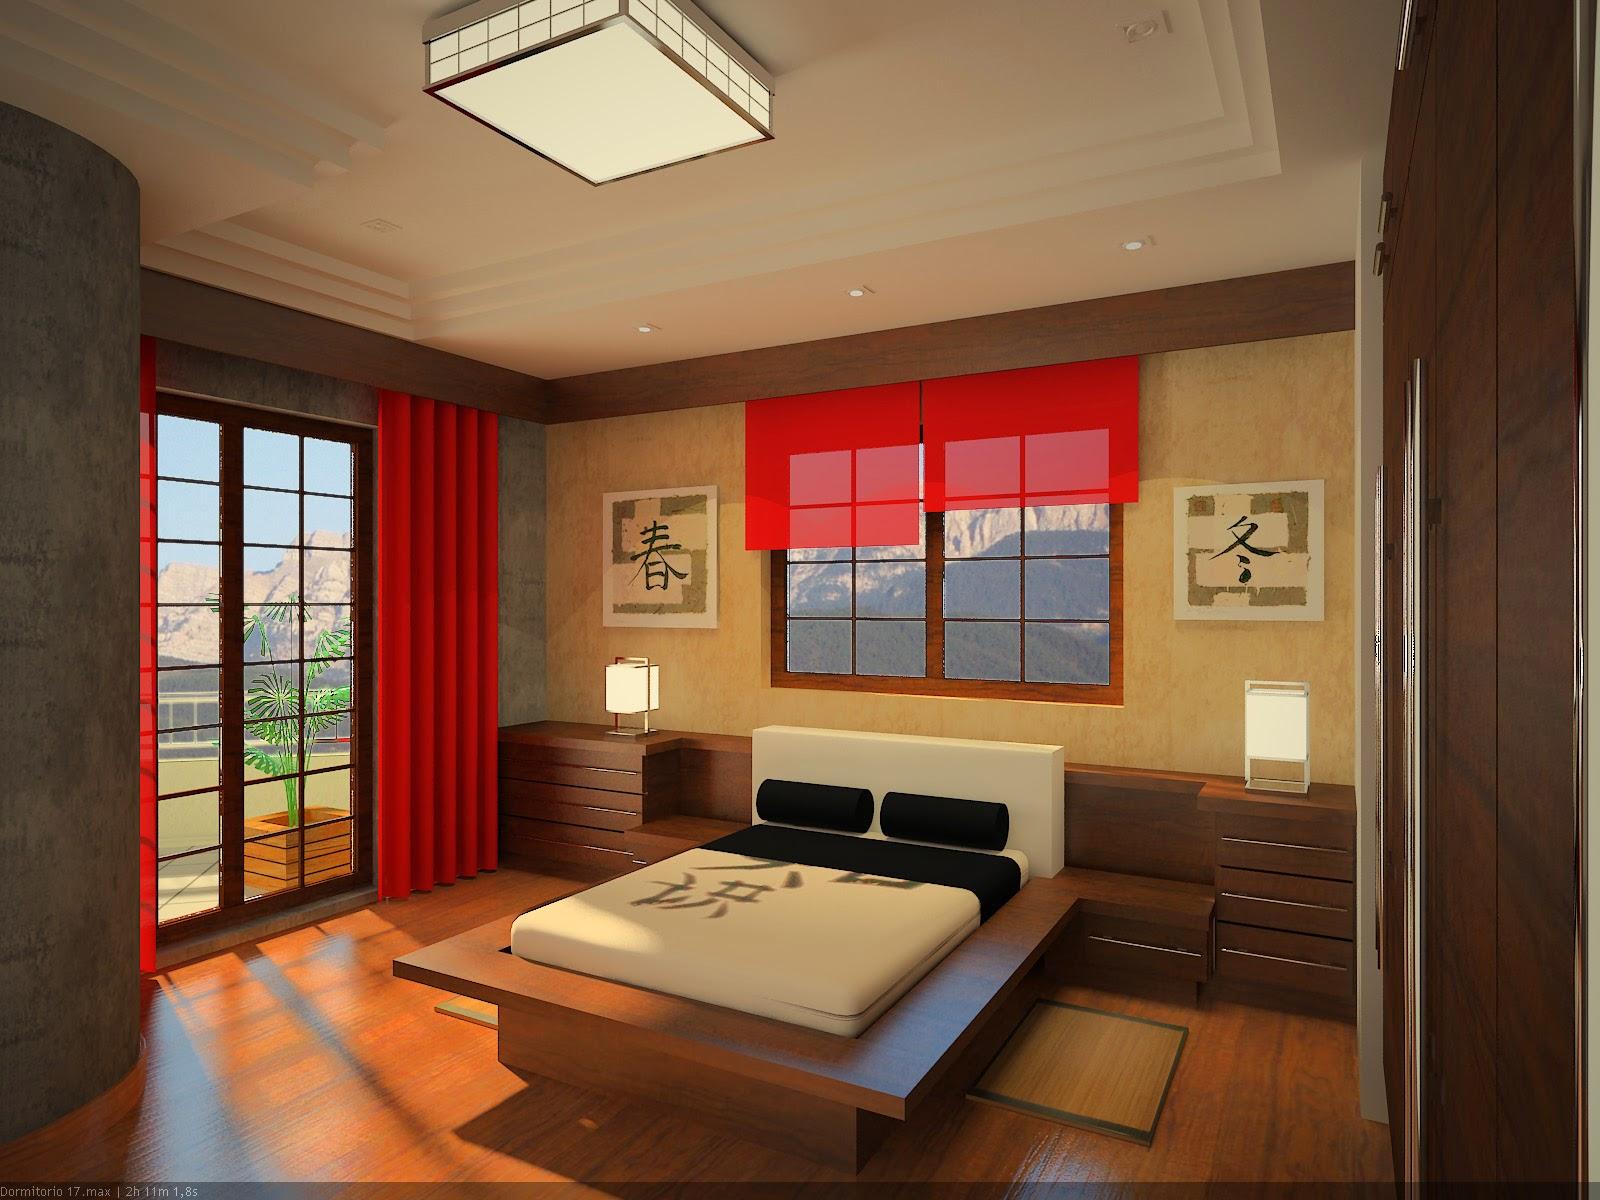 Muebles x muebles decorar dormitorio con estilo zen o japones - Decoracion zen dormitorio ...